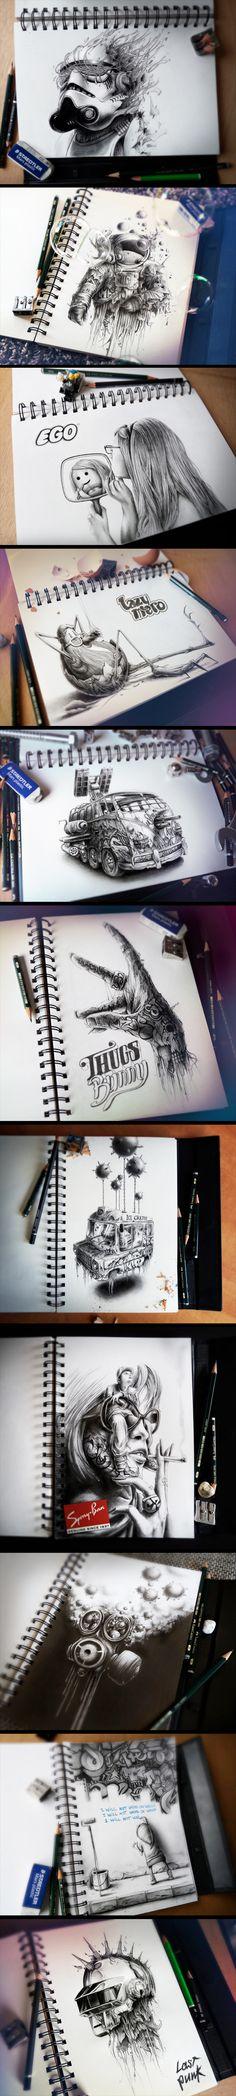 Sketchbook 2013 (La Suite) Style of sketching